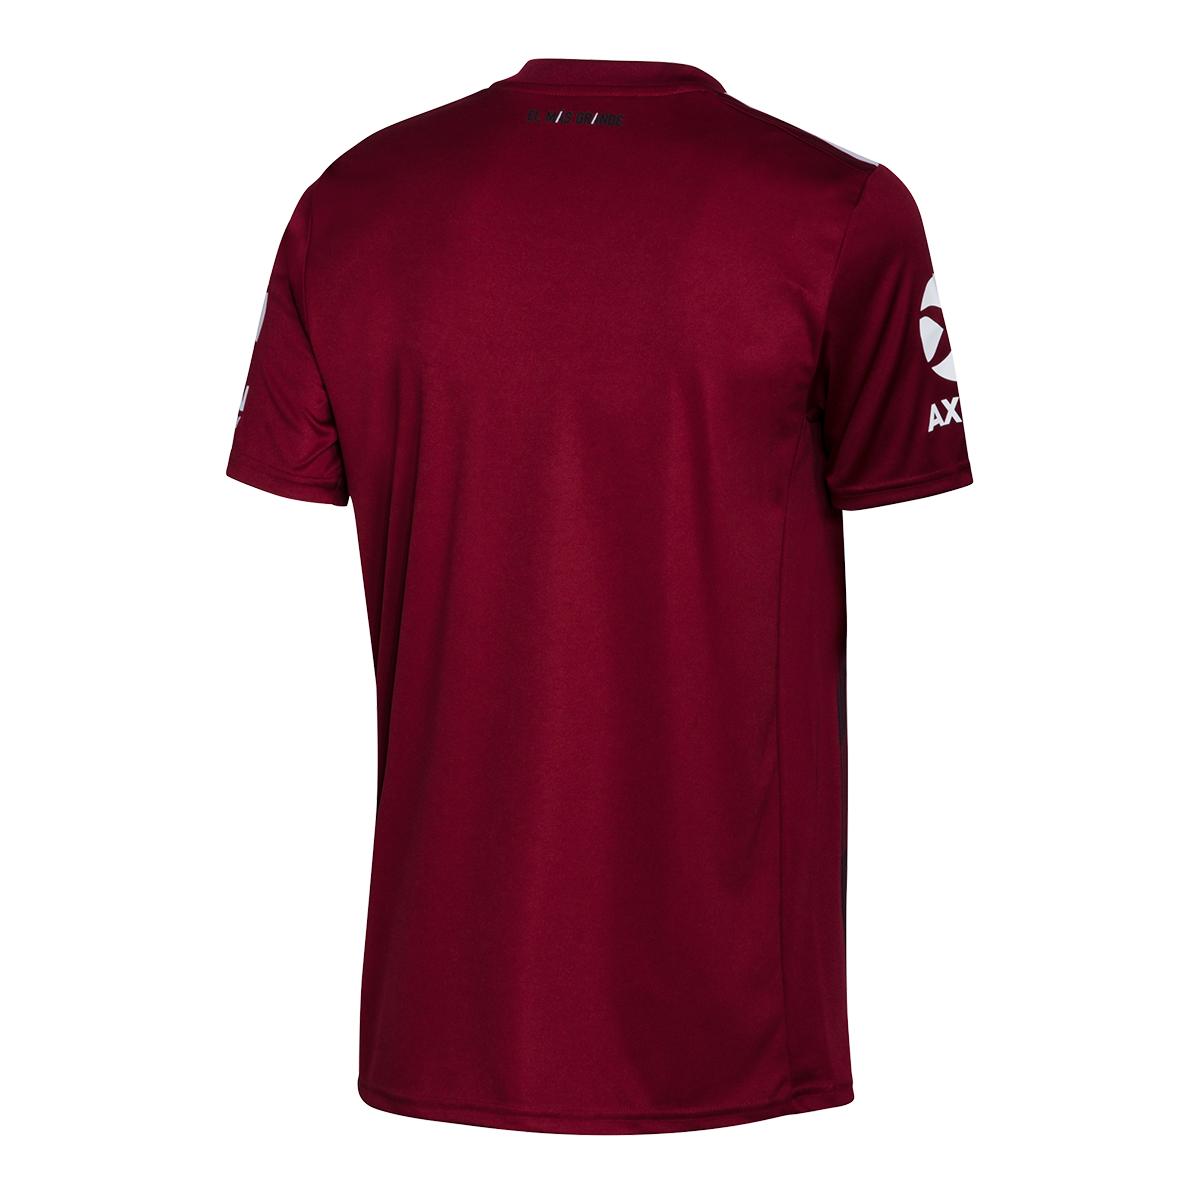 25521c06 Camiseta River Plate Segunda Equipación 2019-2020 Noble maroon-Clear onix